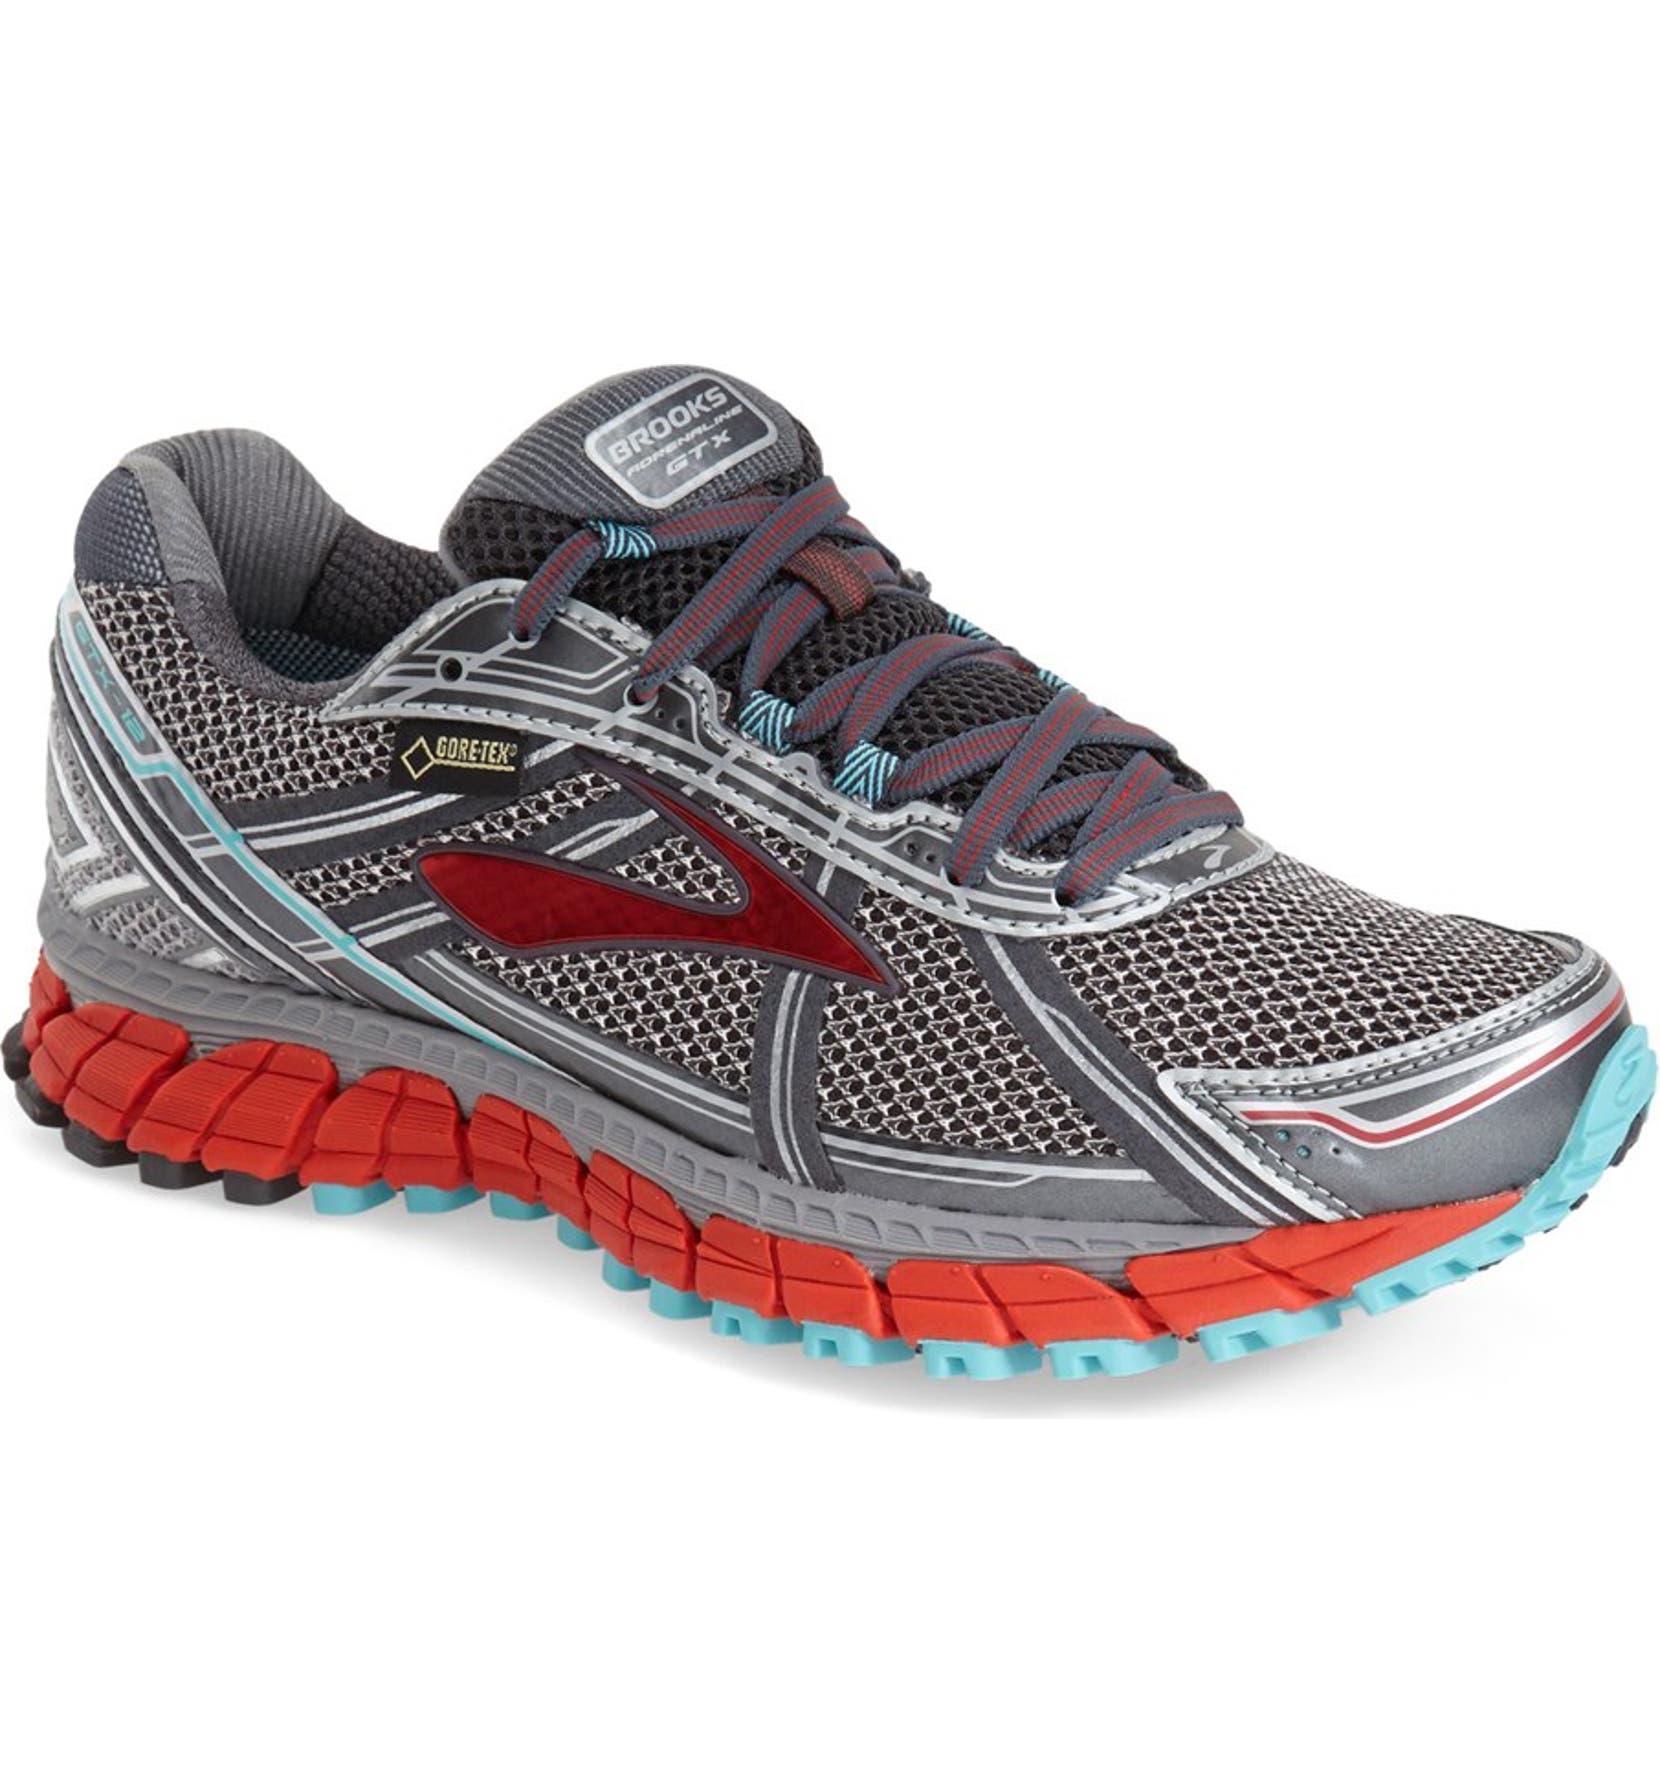 9b7576cade5 Brooks  Adrenaline ASR 12 GTX  Waterproof Running Shoe (Women ...